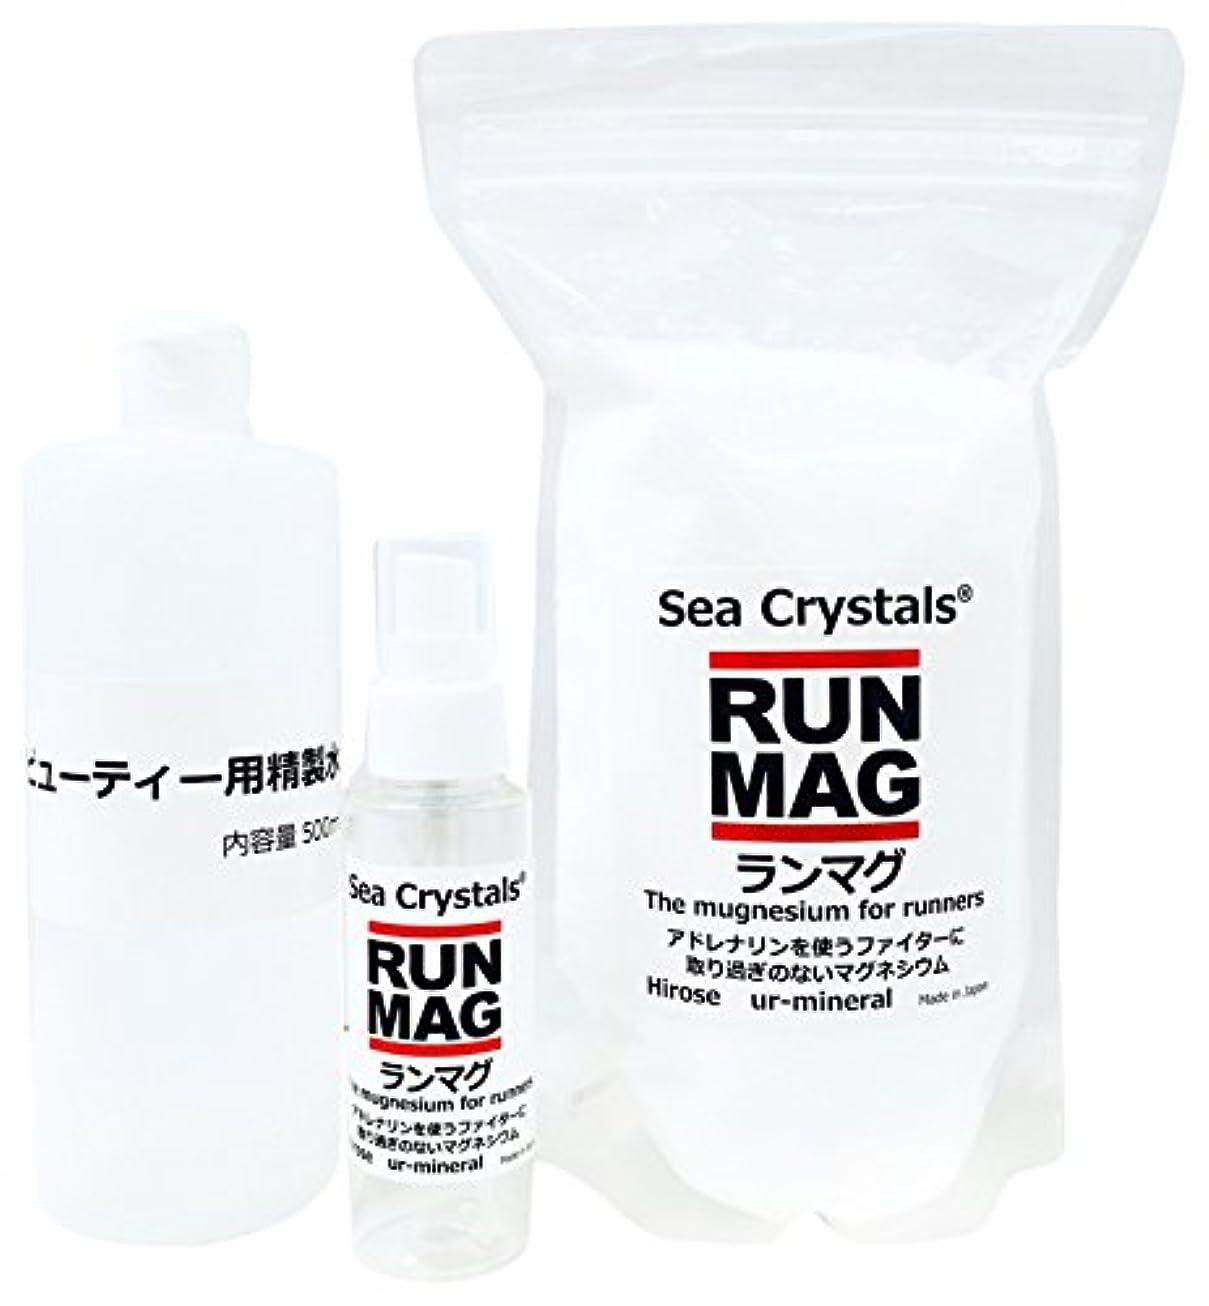 鷹解決する橋脚ランマグ?マグネシウムオイル 500g 化粧品登録 日本製 1日マグネシウム360mg使用  精製水付き